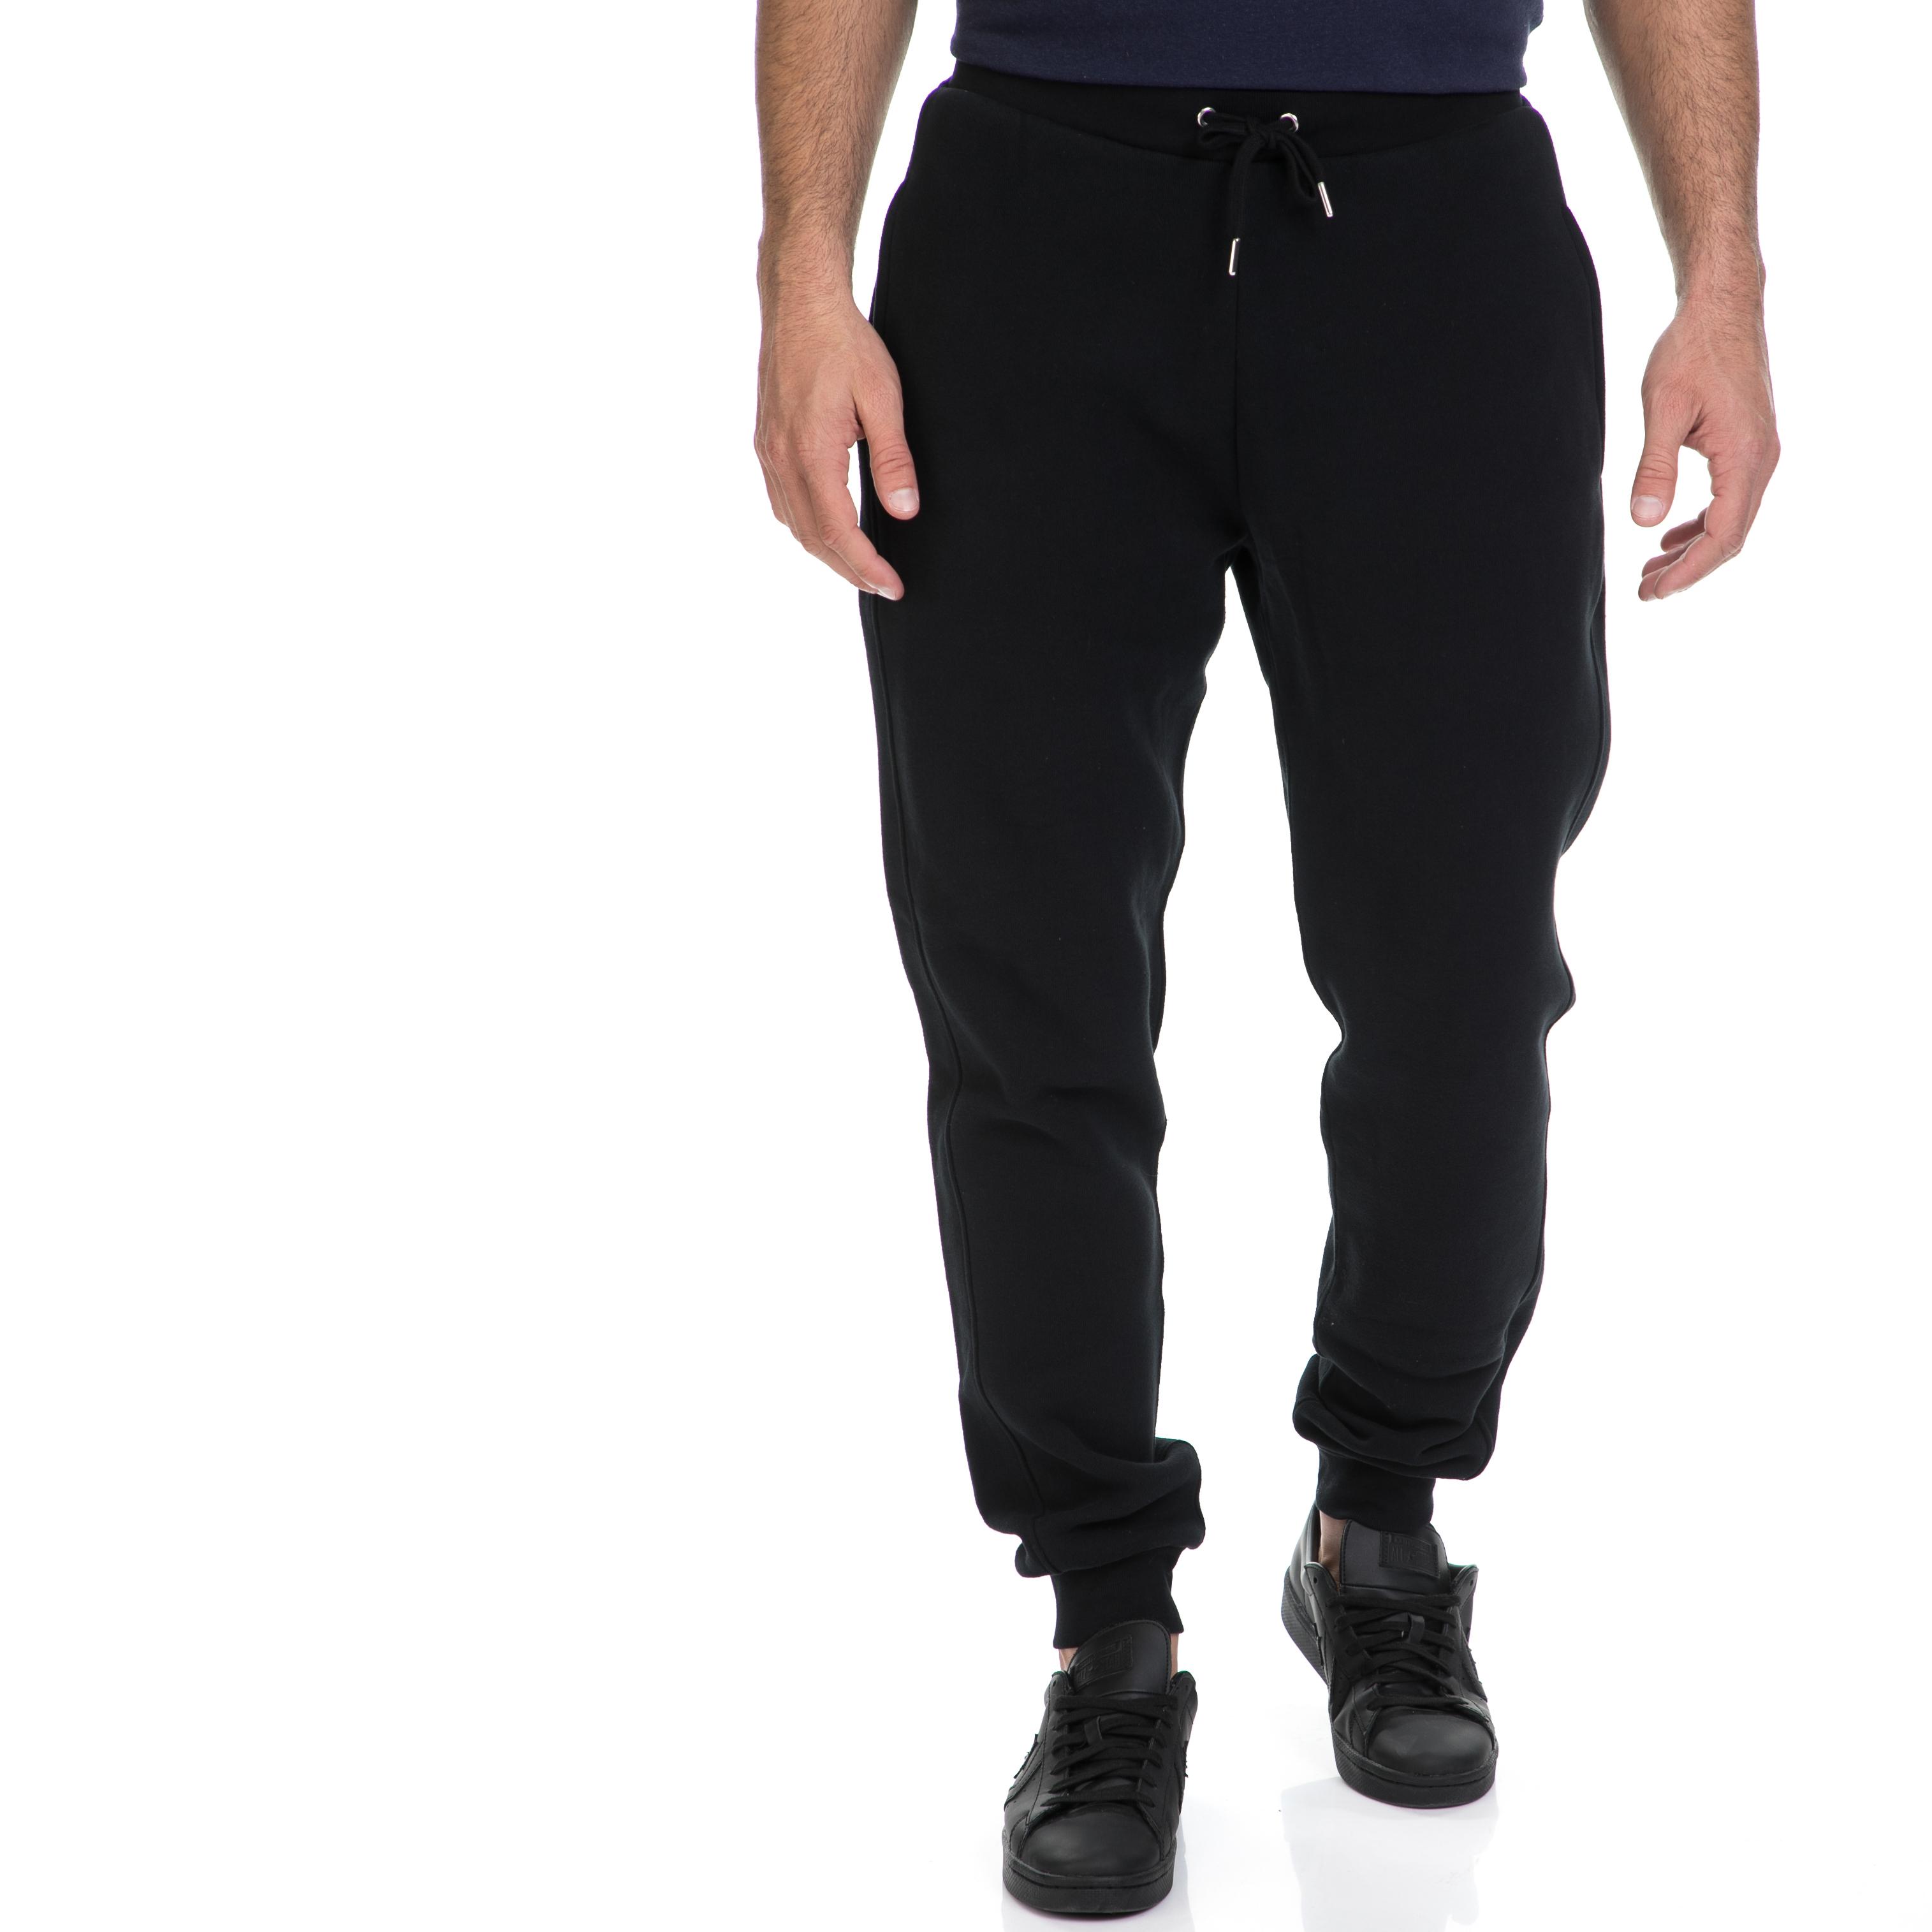 AMERICAN VINTAGE – Ανδρικό παντελόνι φόρμας American Vintage μαύρο